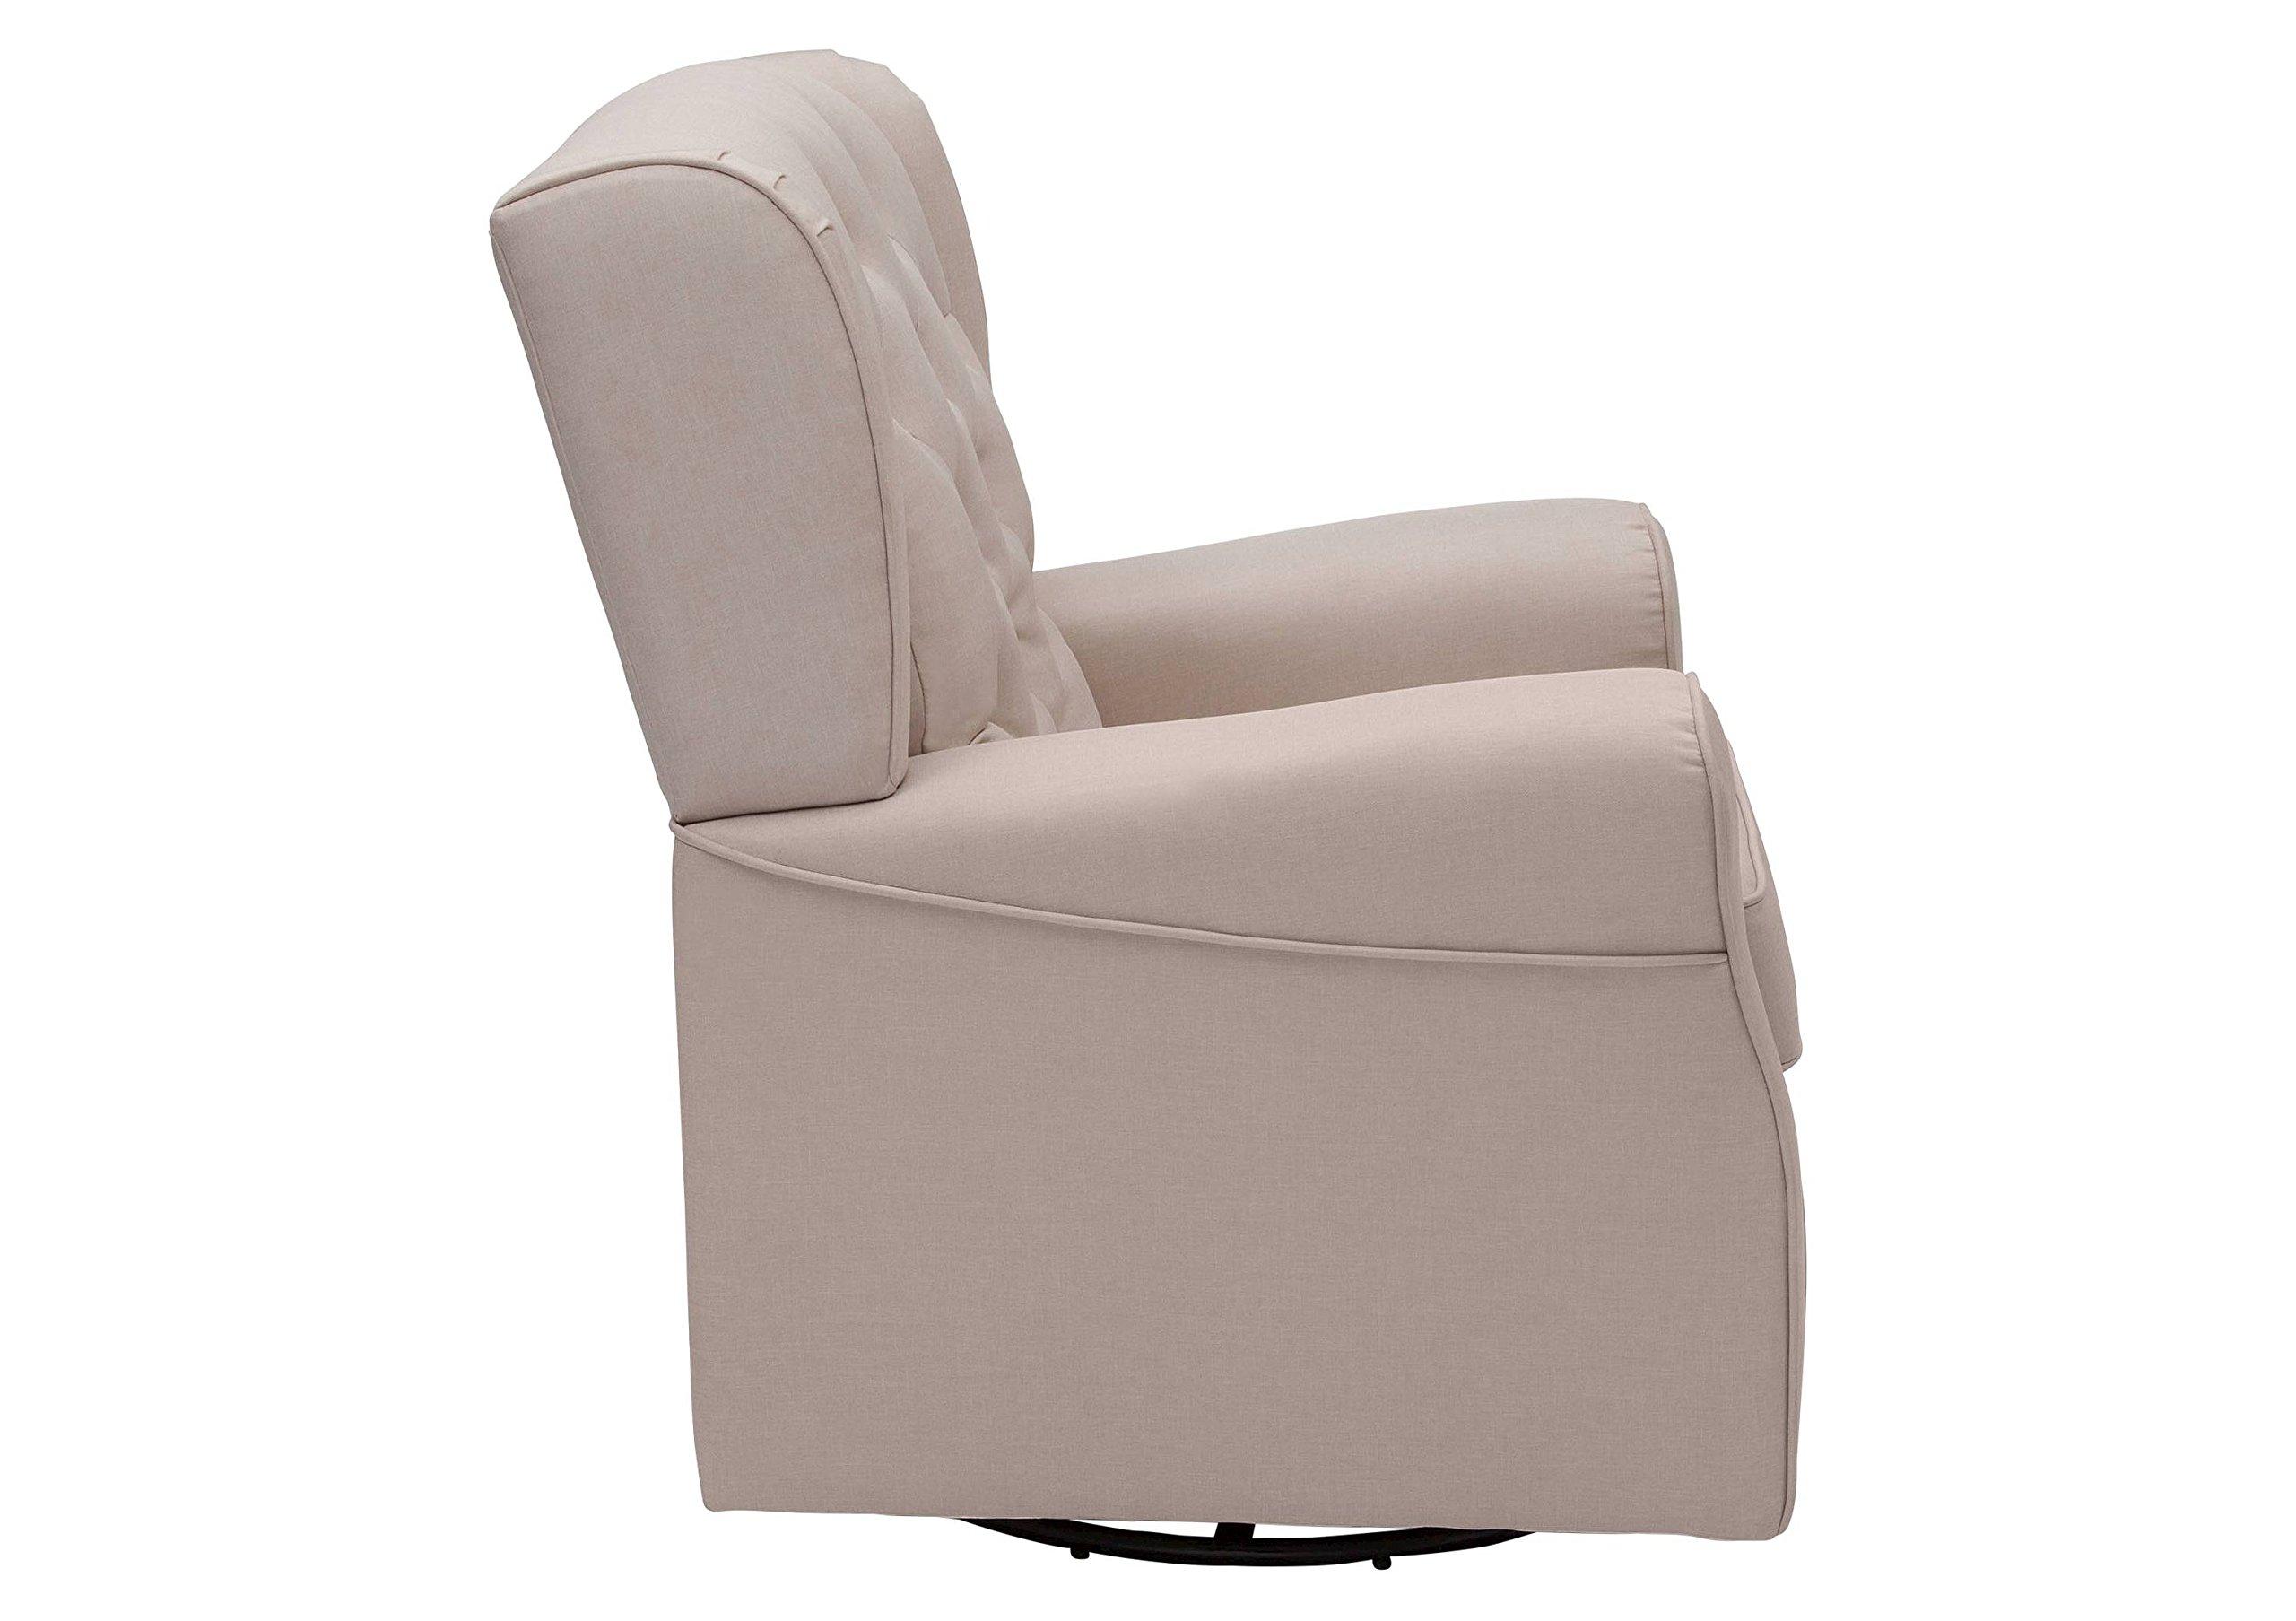 Delta Children Emma Nursery Glider Swivel Rocker Chair - Flax